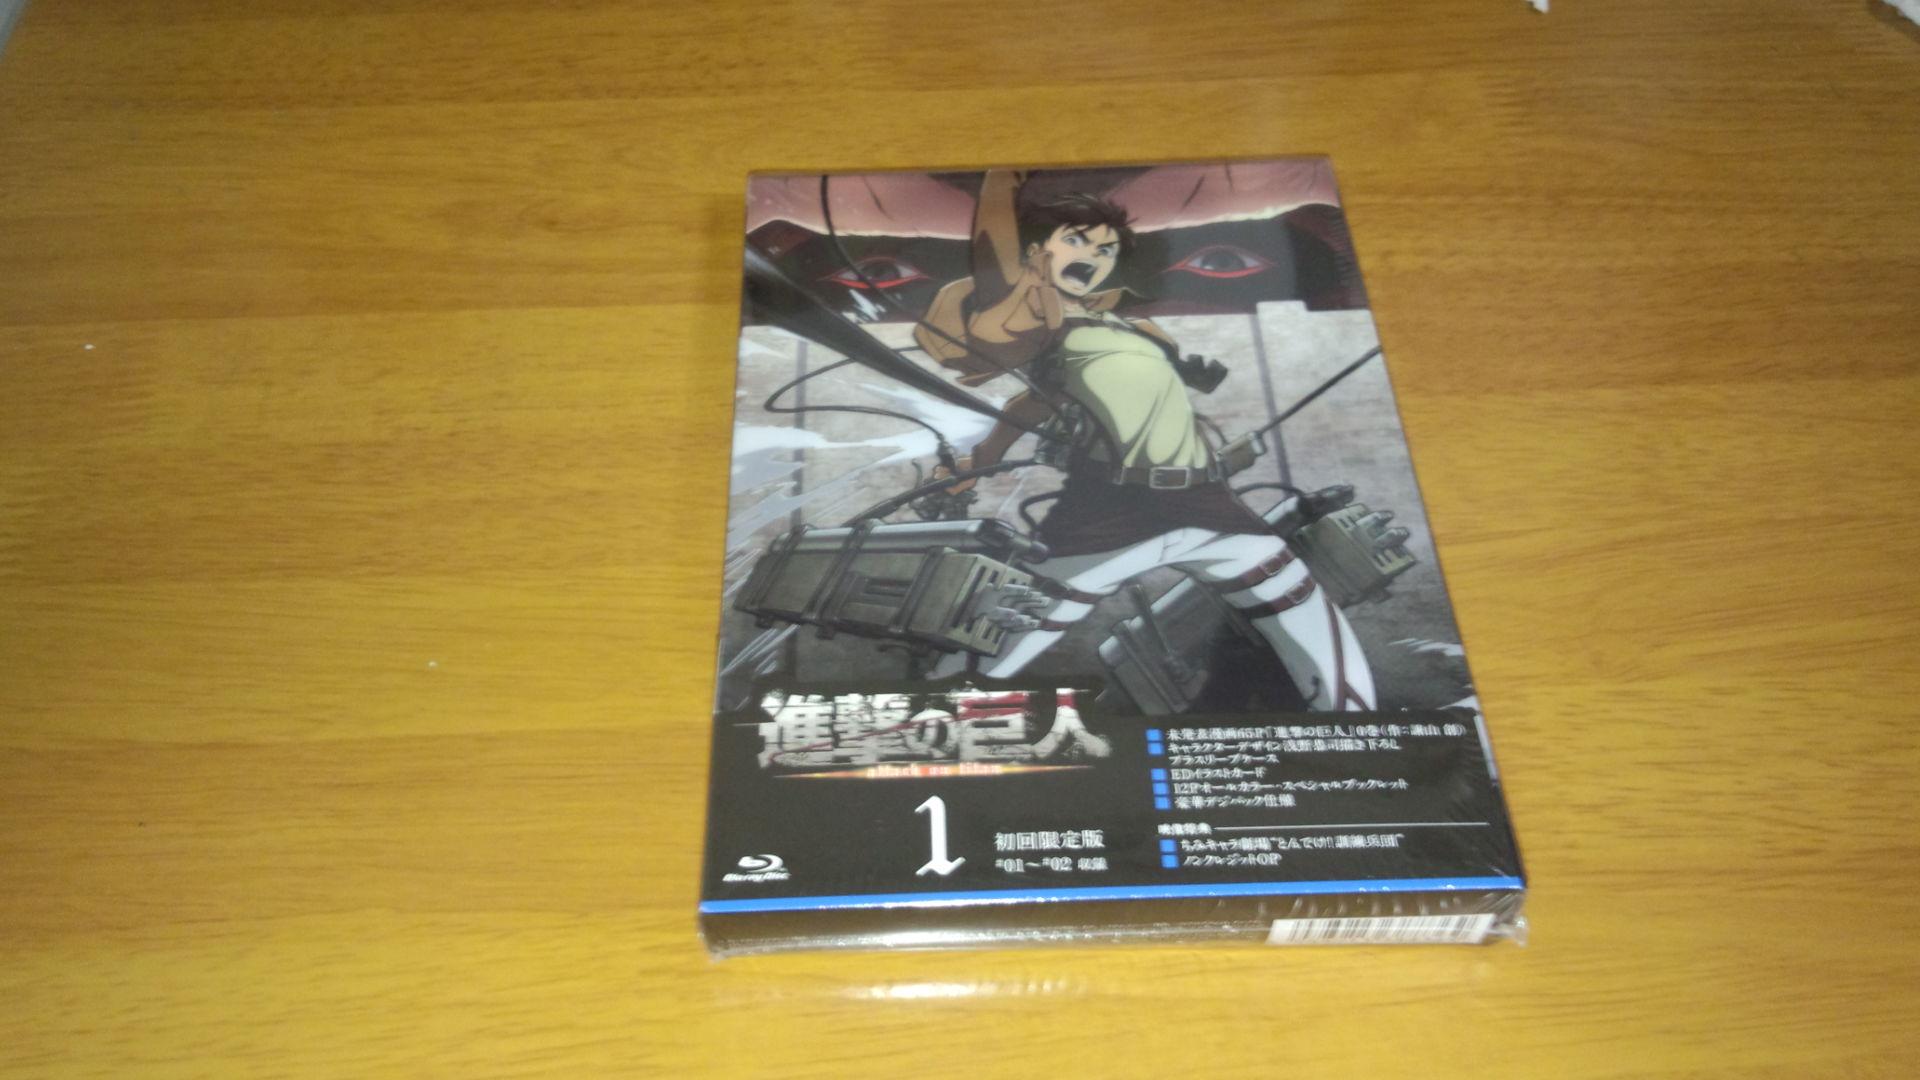 進撃の巨人Blu-ray1巻